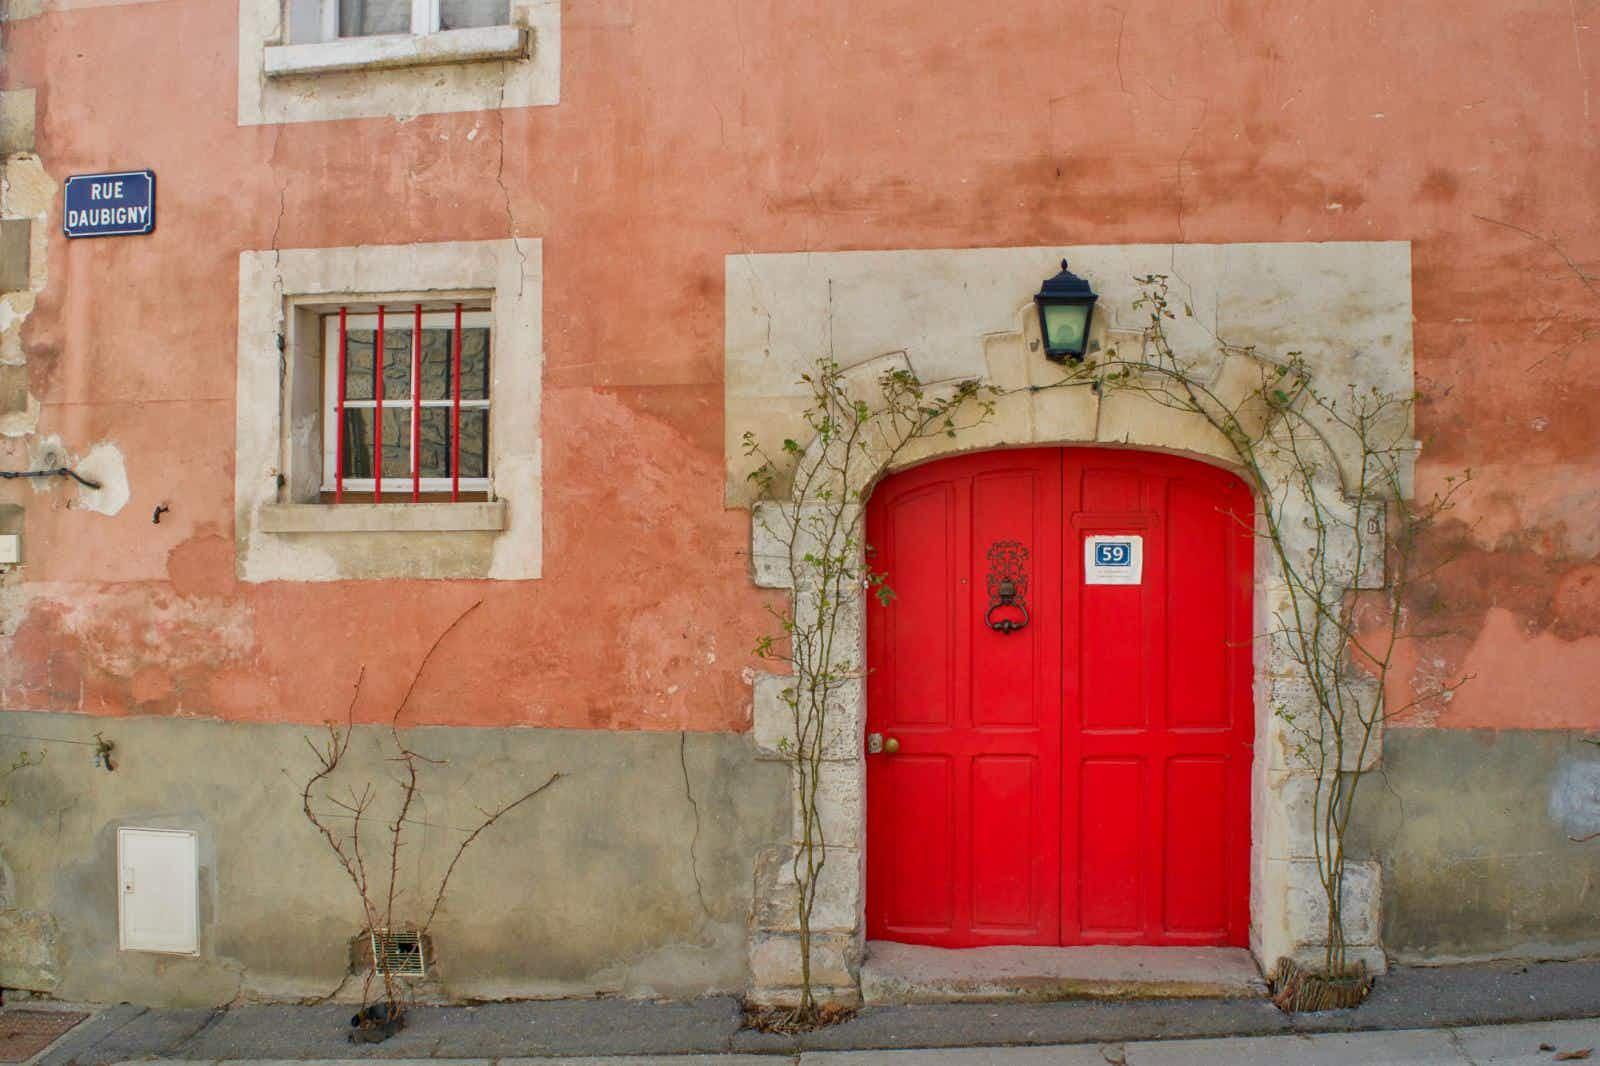 Van Gogh's final footsteps: a pilgrimage to Auvers-sur-Oise